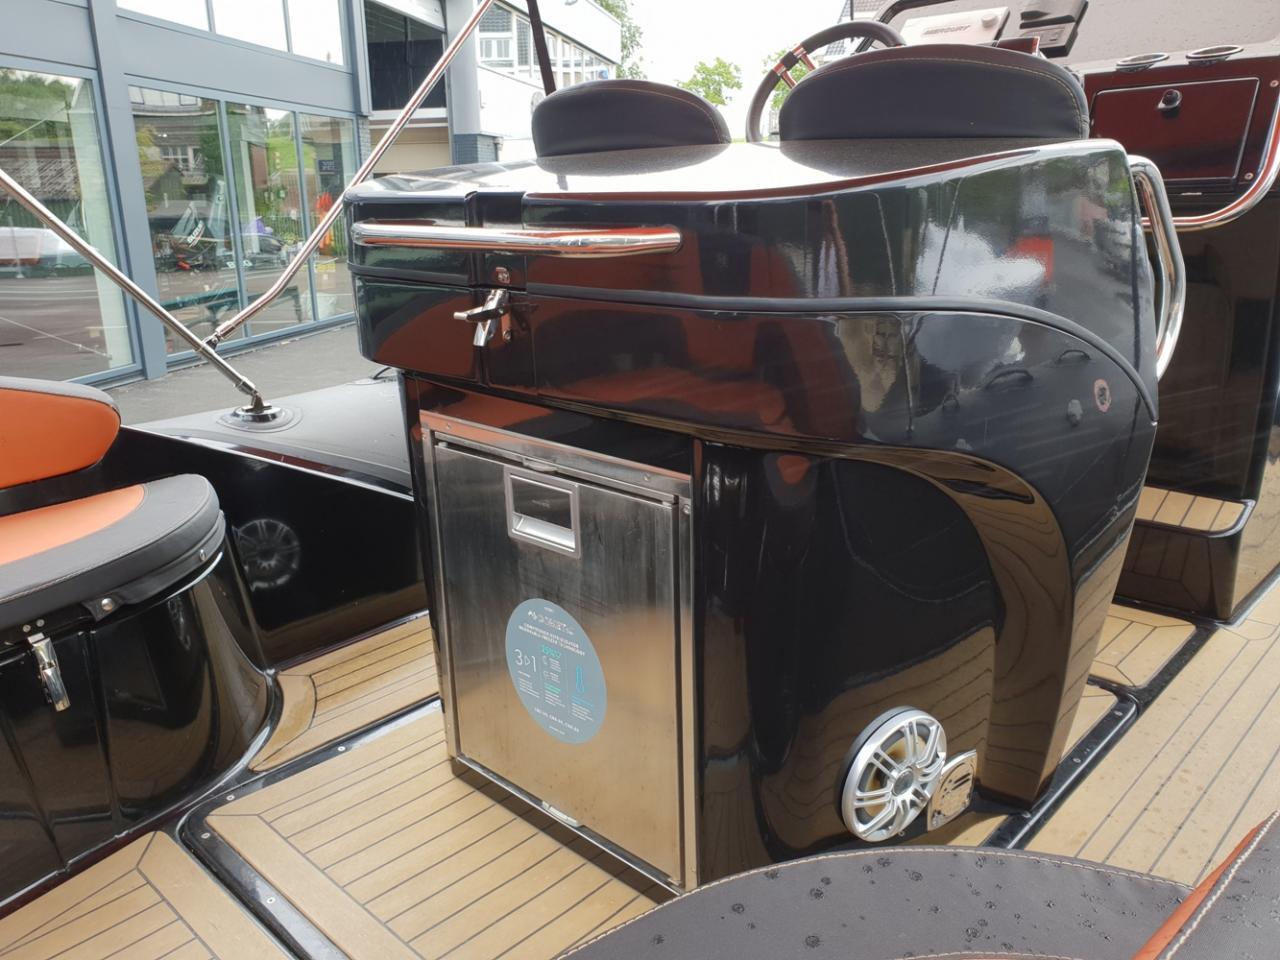 Grand 850 goldenline met 2 Mercury Verado 225 pk motoren! 8